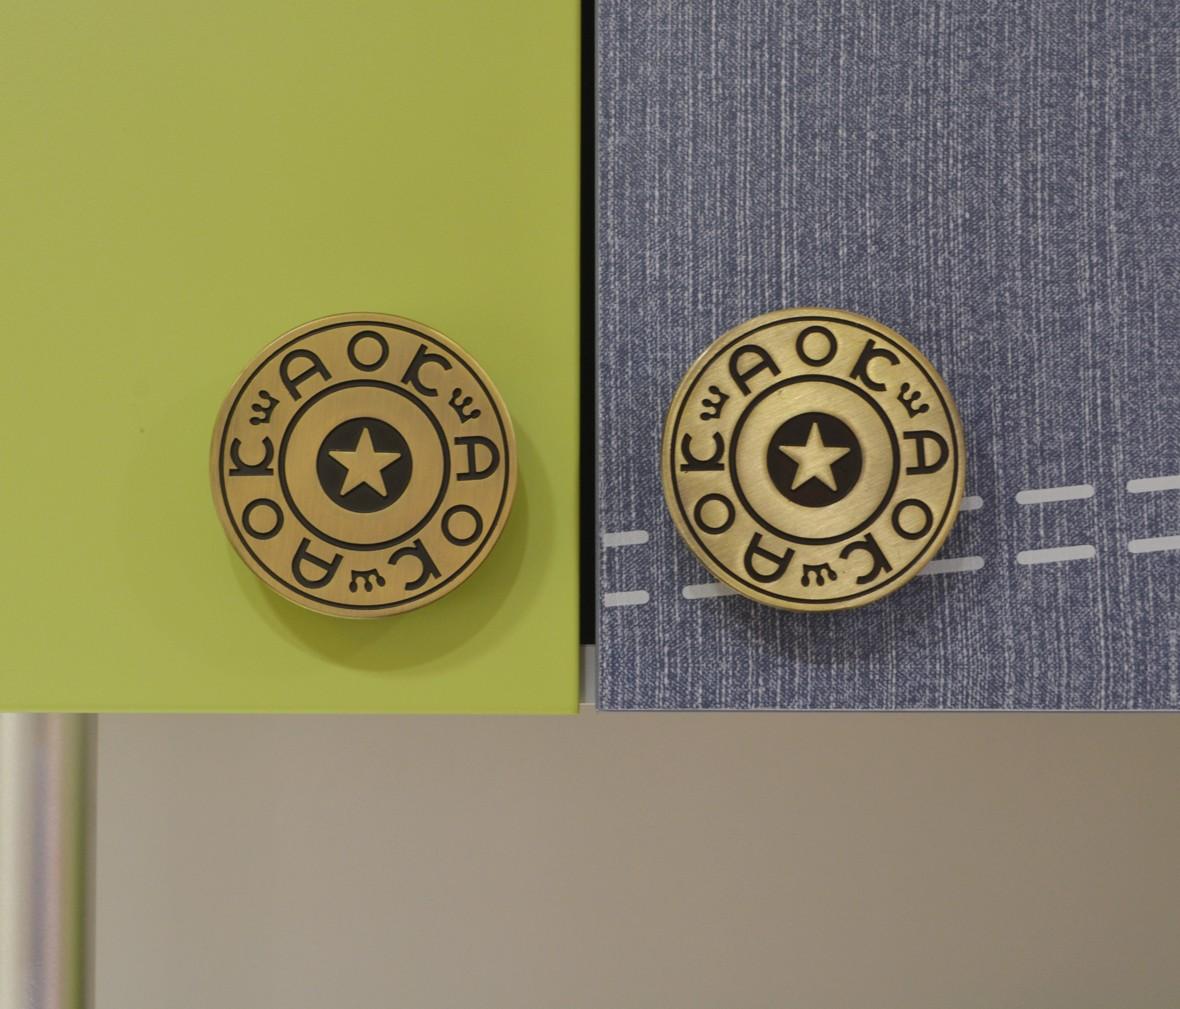 多喜爱儿童家具 8VA913-11型号功能床 优质密度板材质床